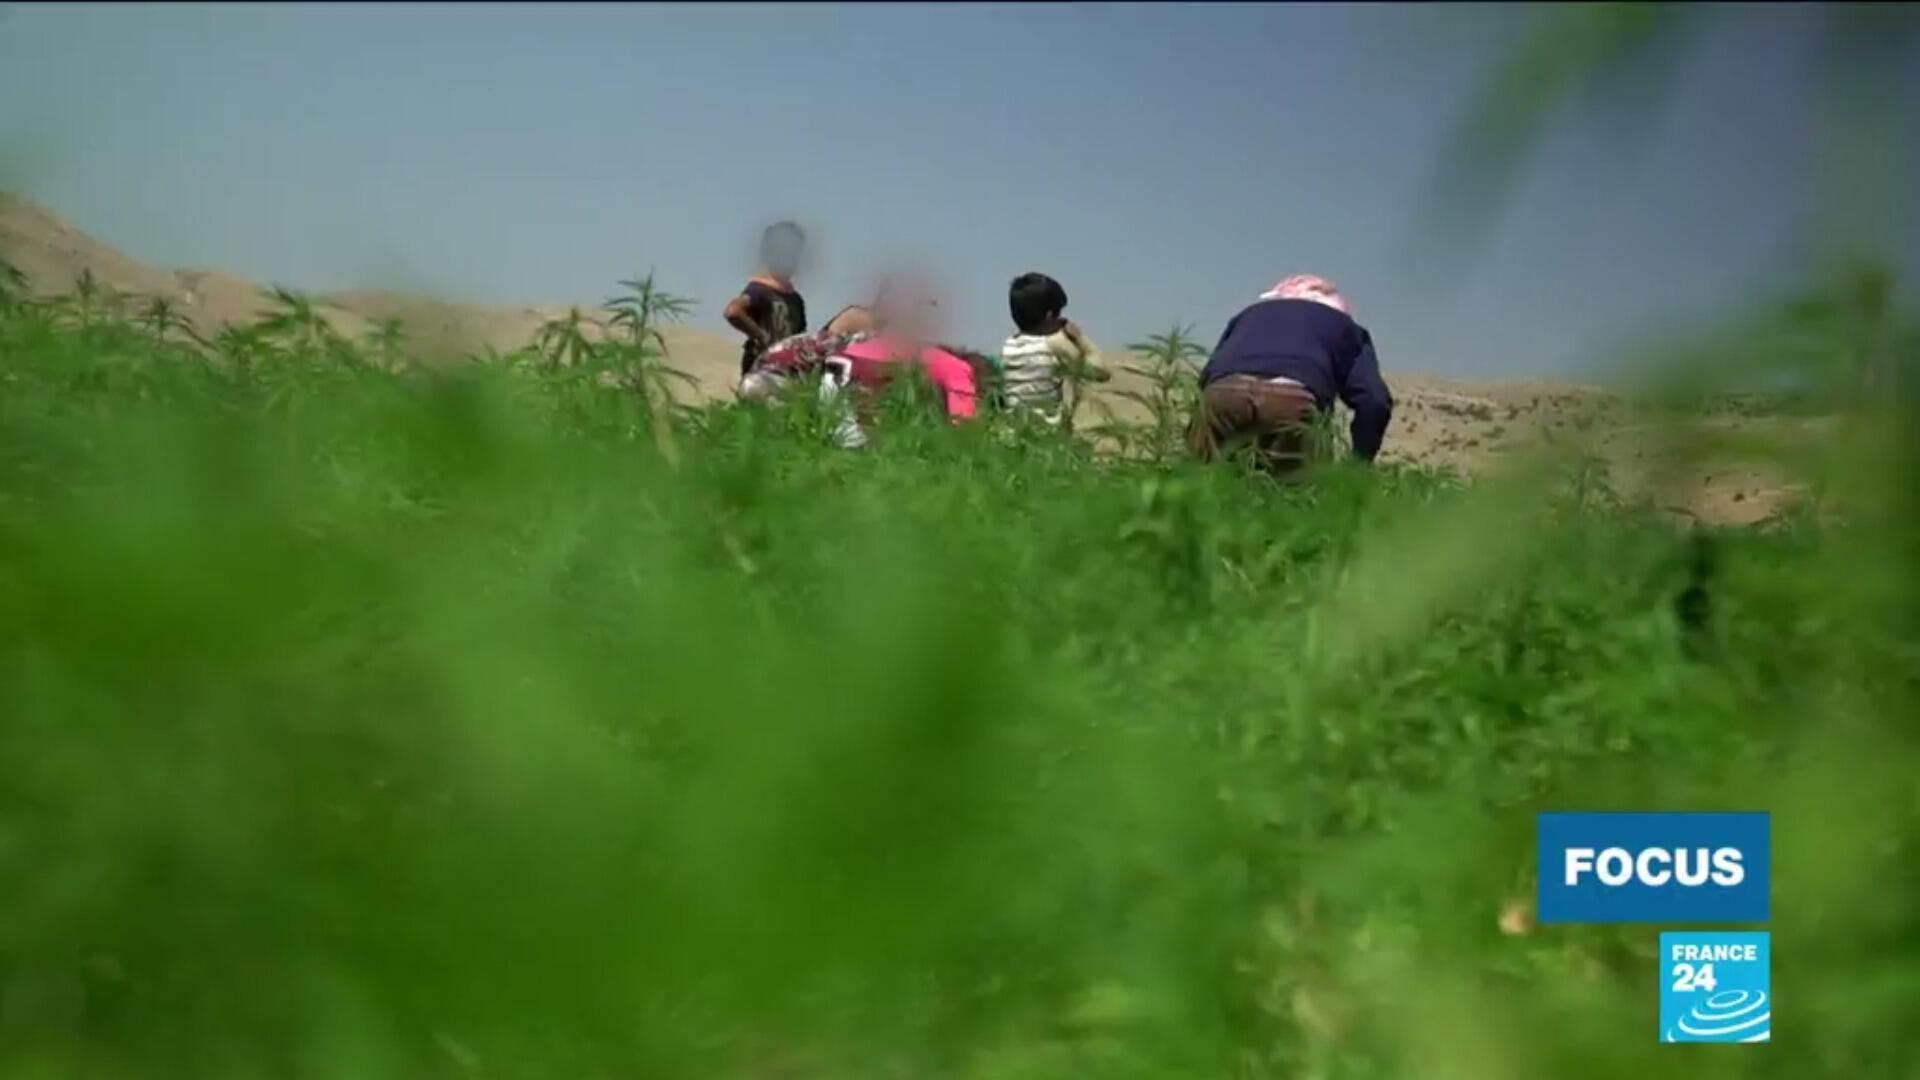 Liban cannabis Focus